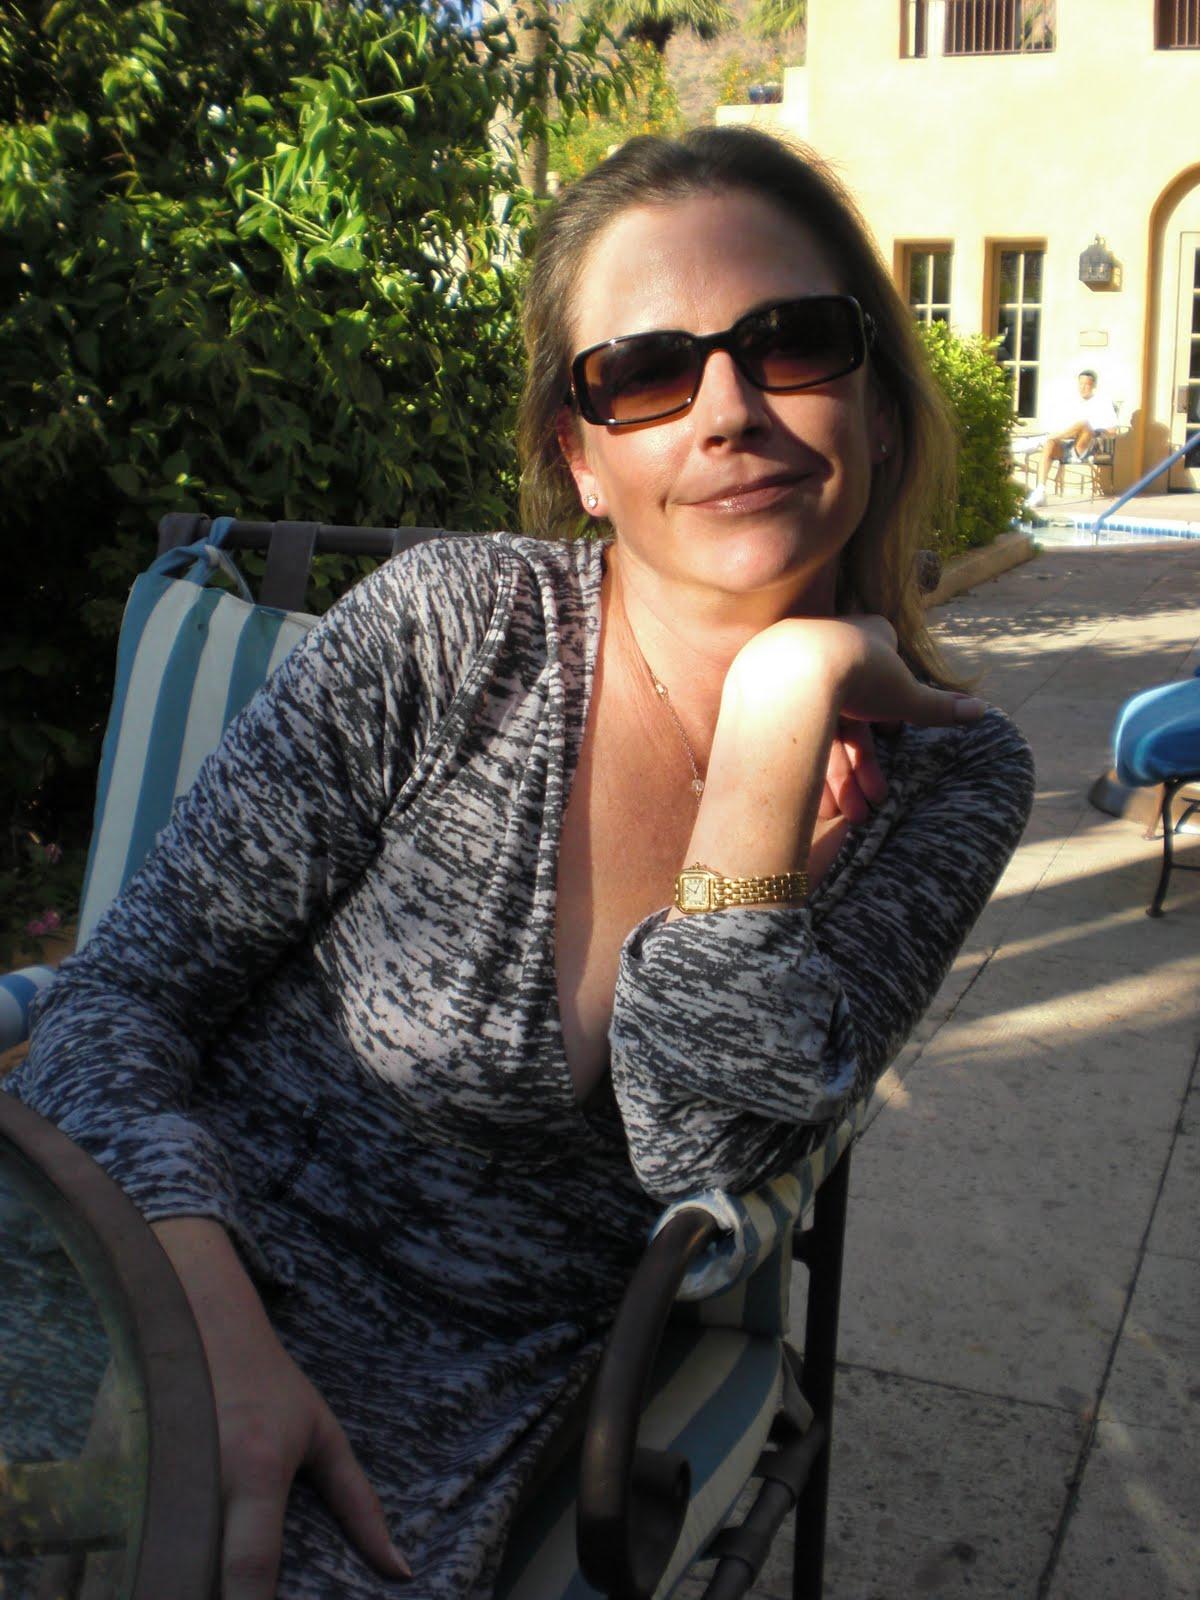 Janice Kelly Nude Photos 33